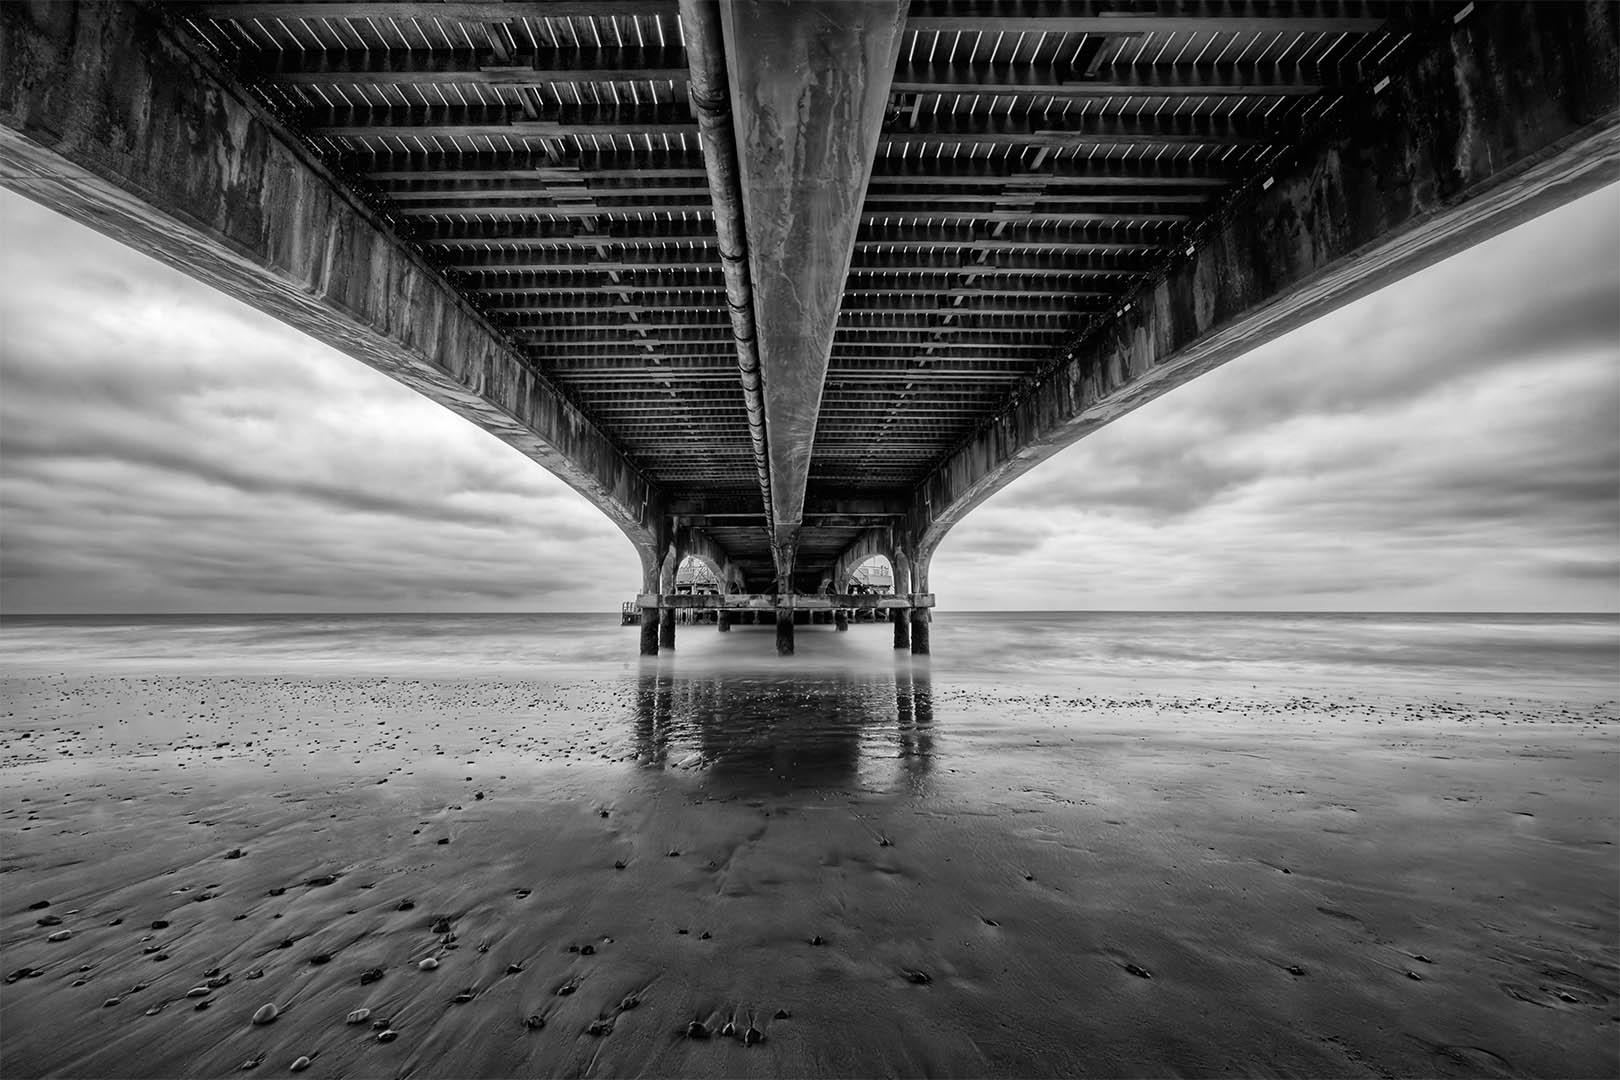 Underneath Bournemouth Pier